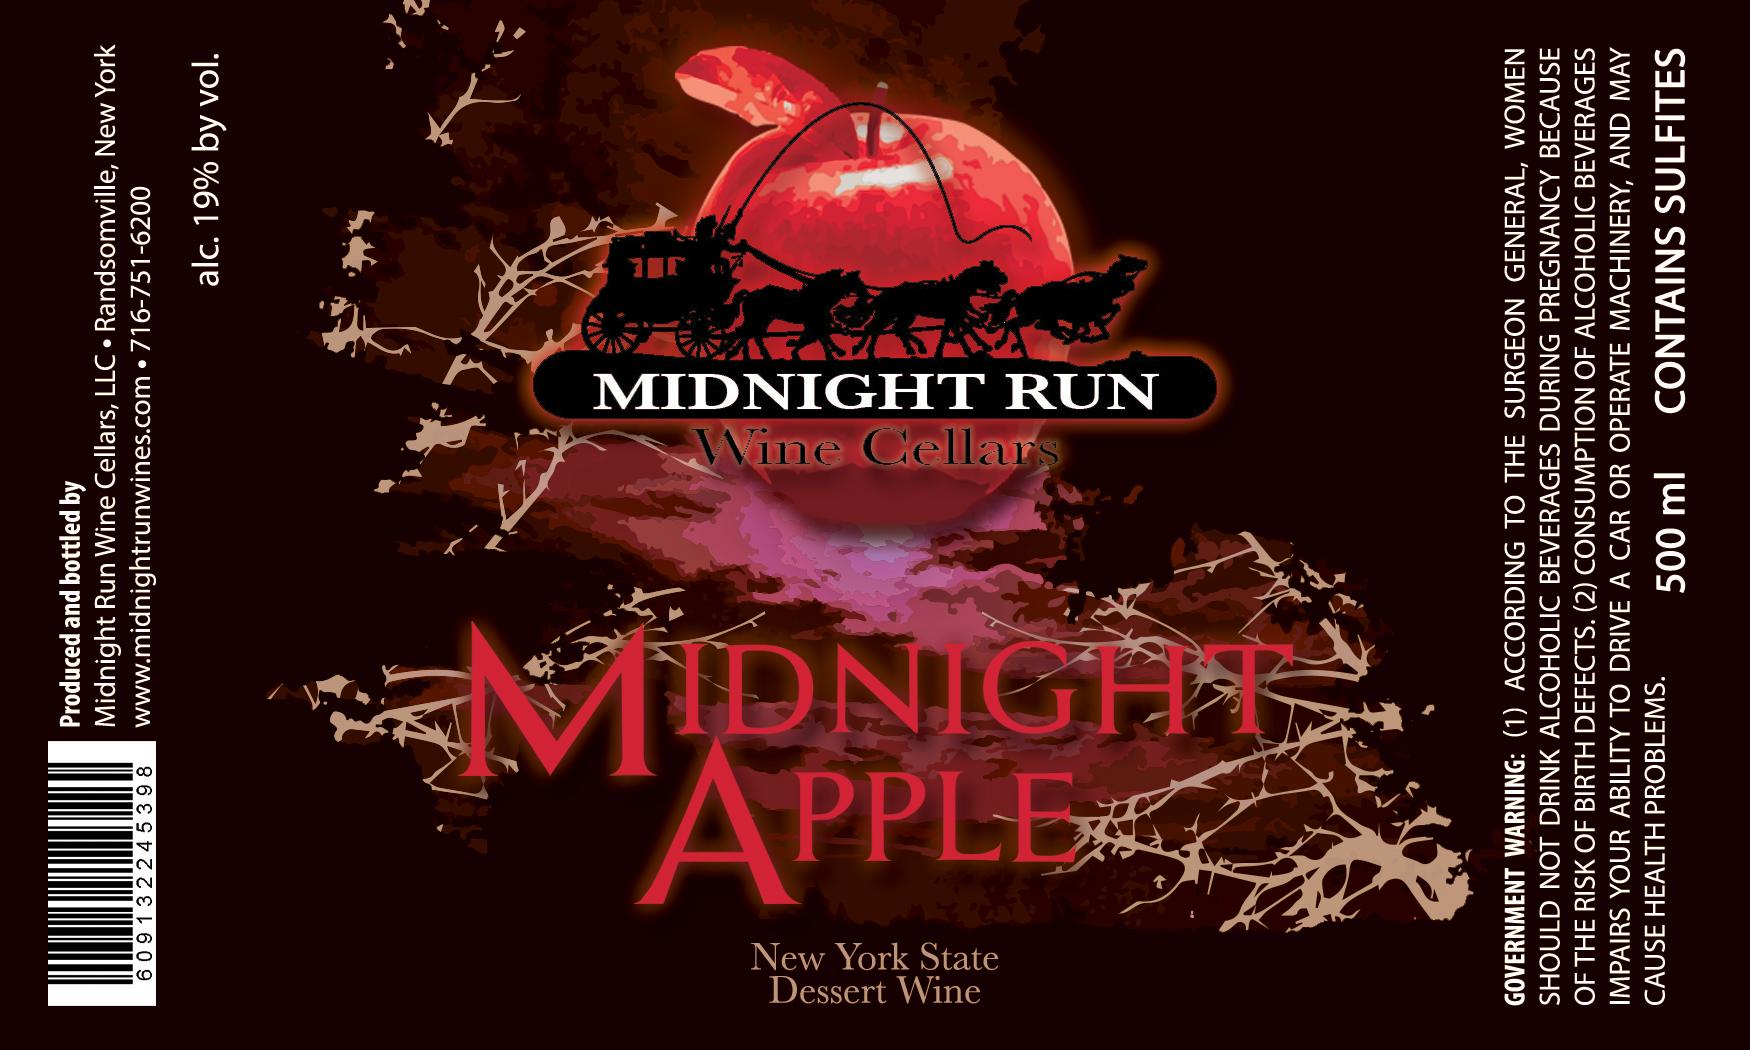 MidnightApple